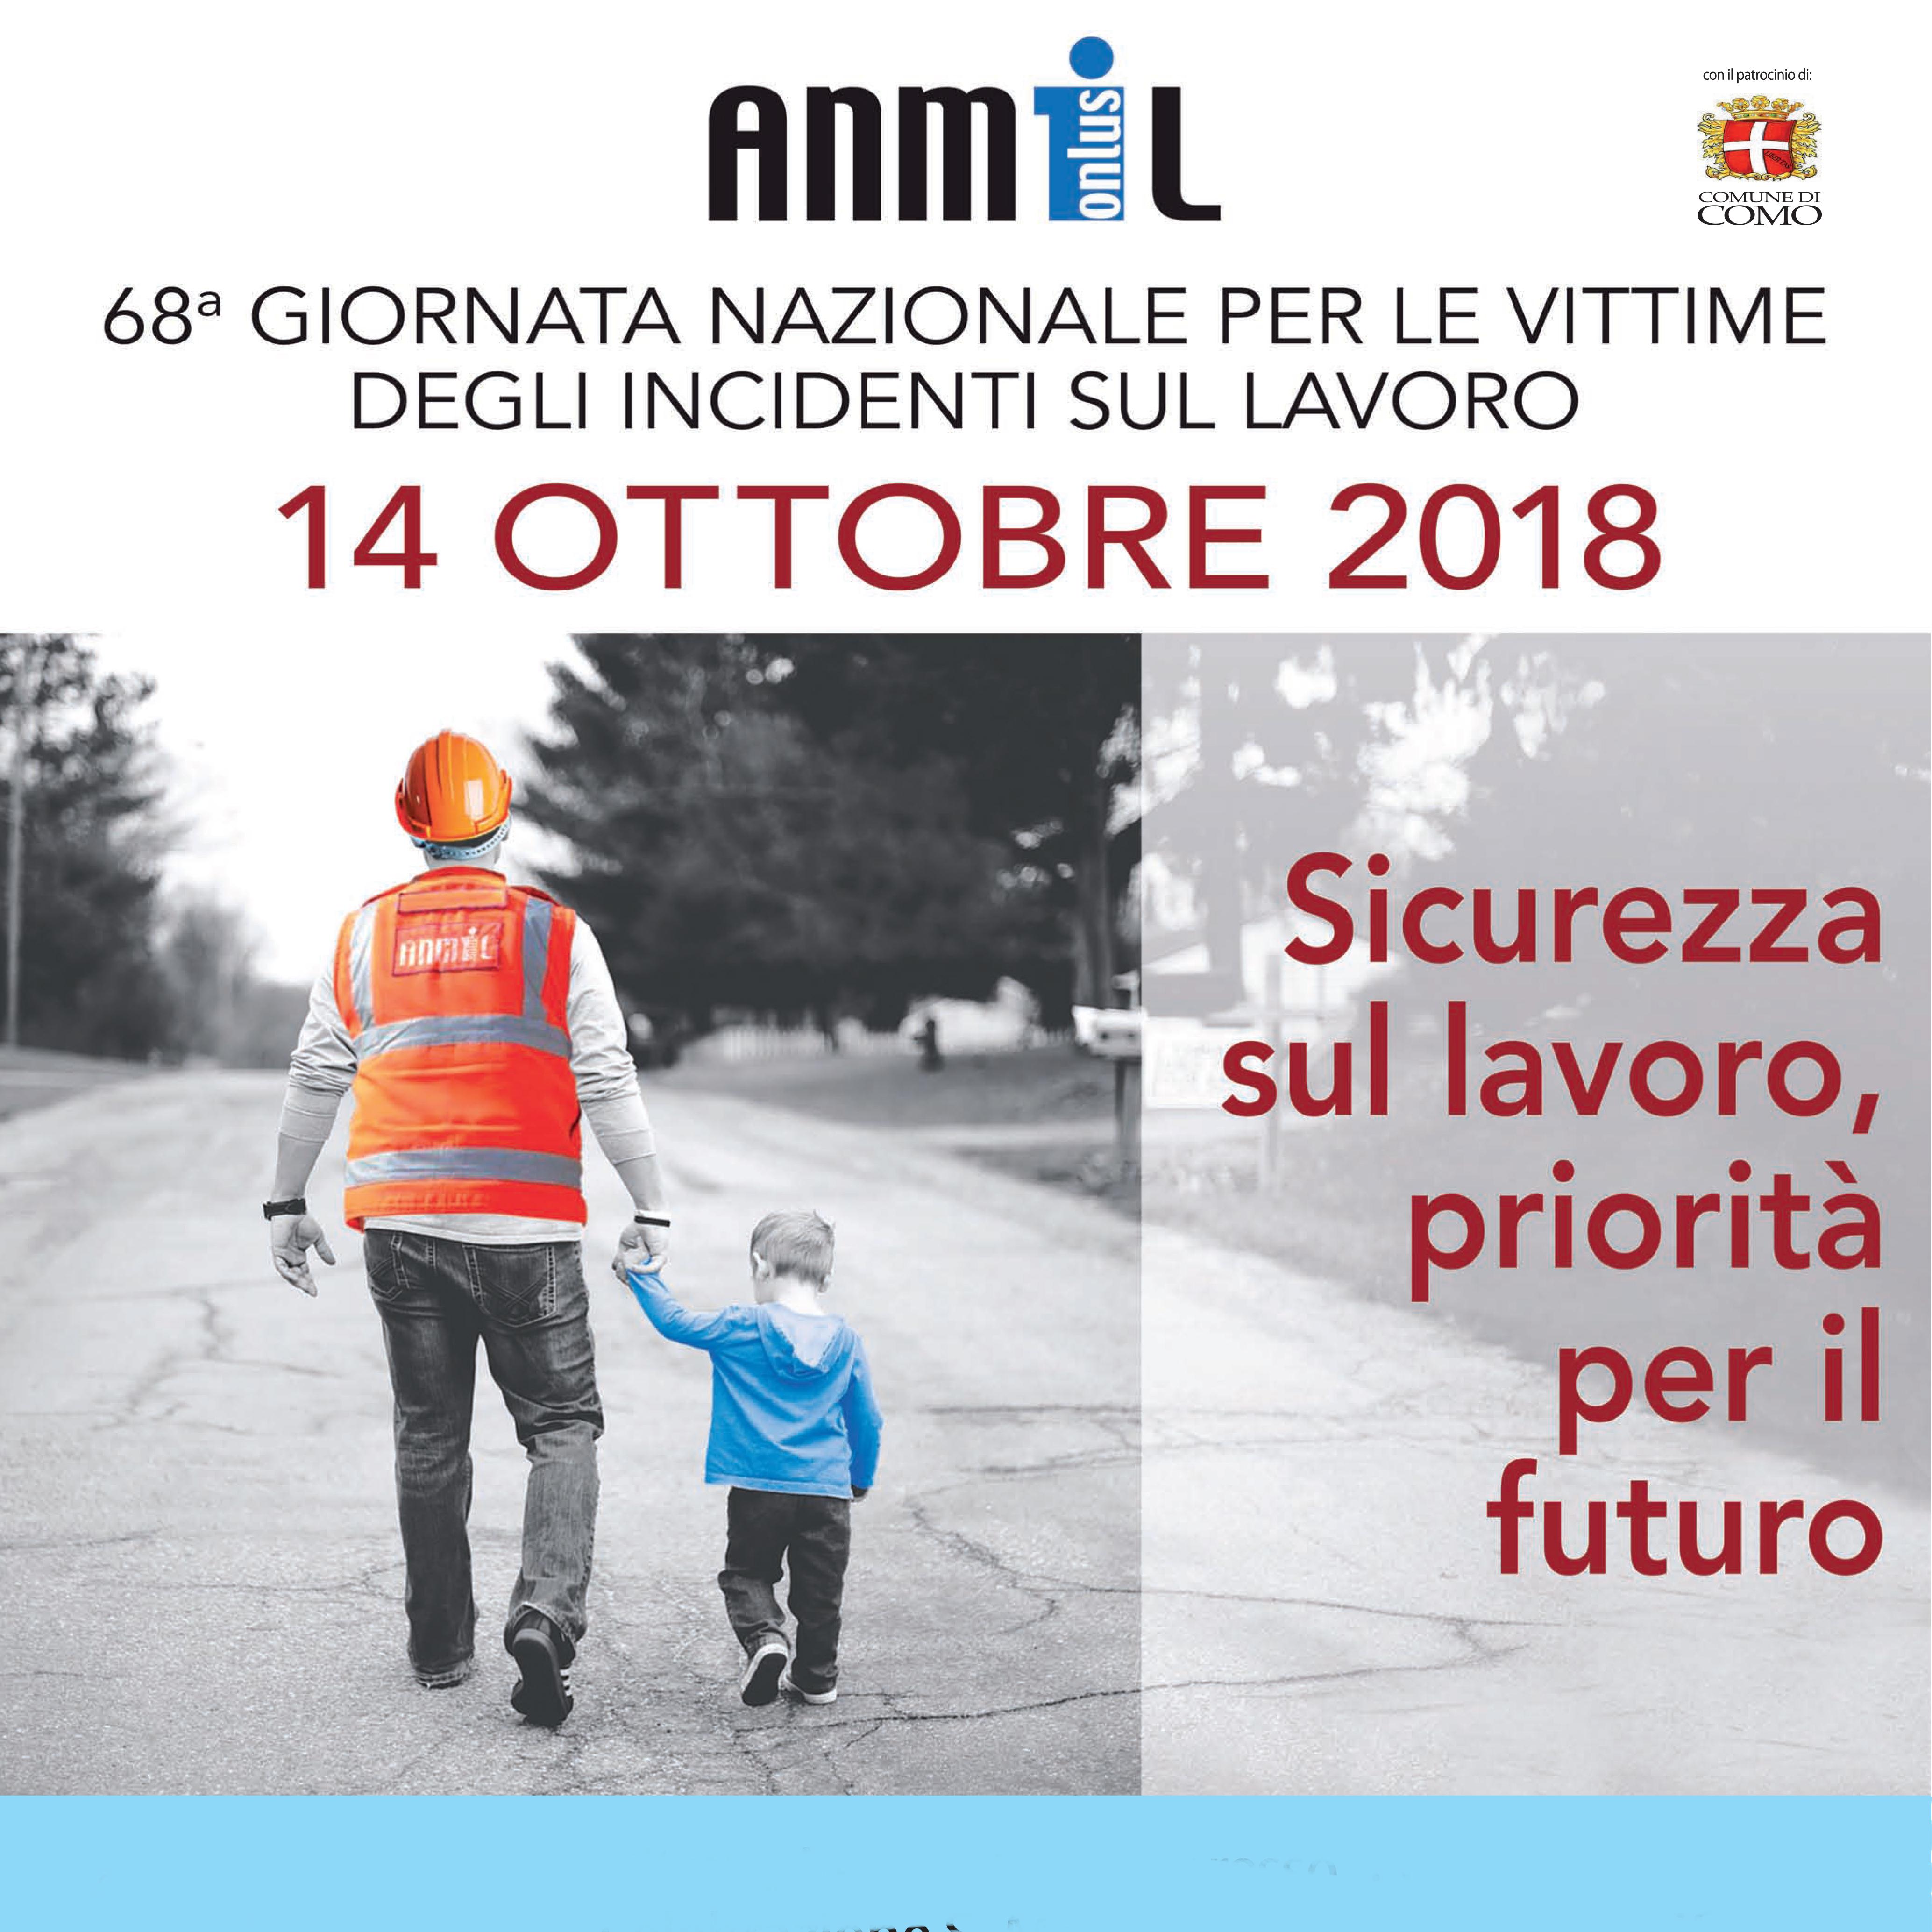 Sicurezza sul lavoro, priorità per il futuro